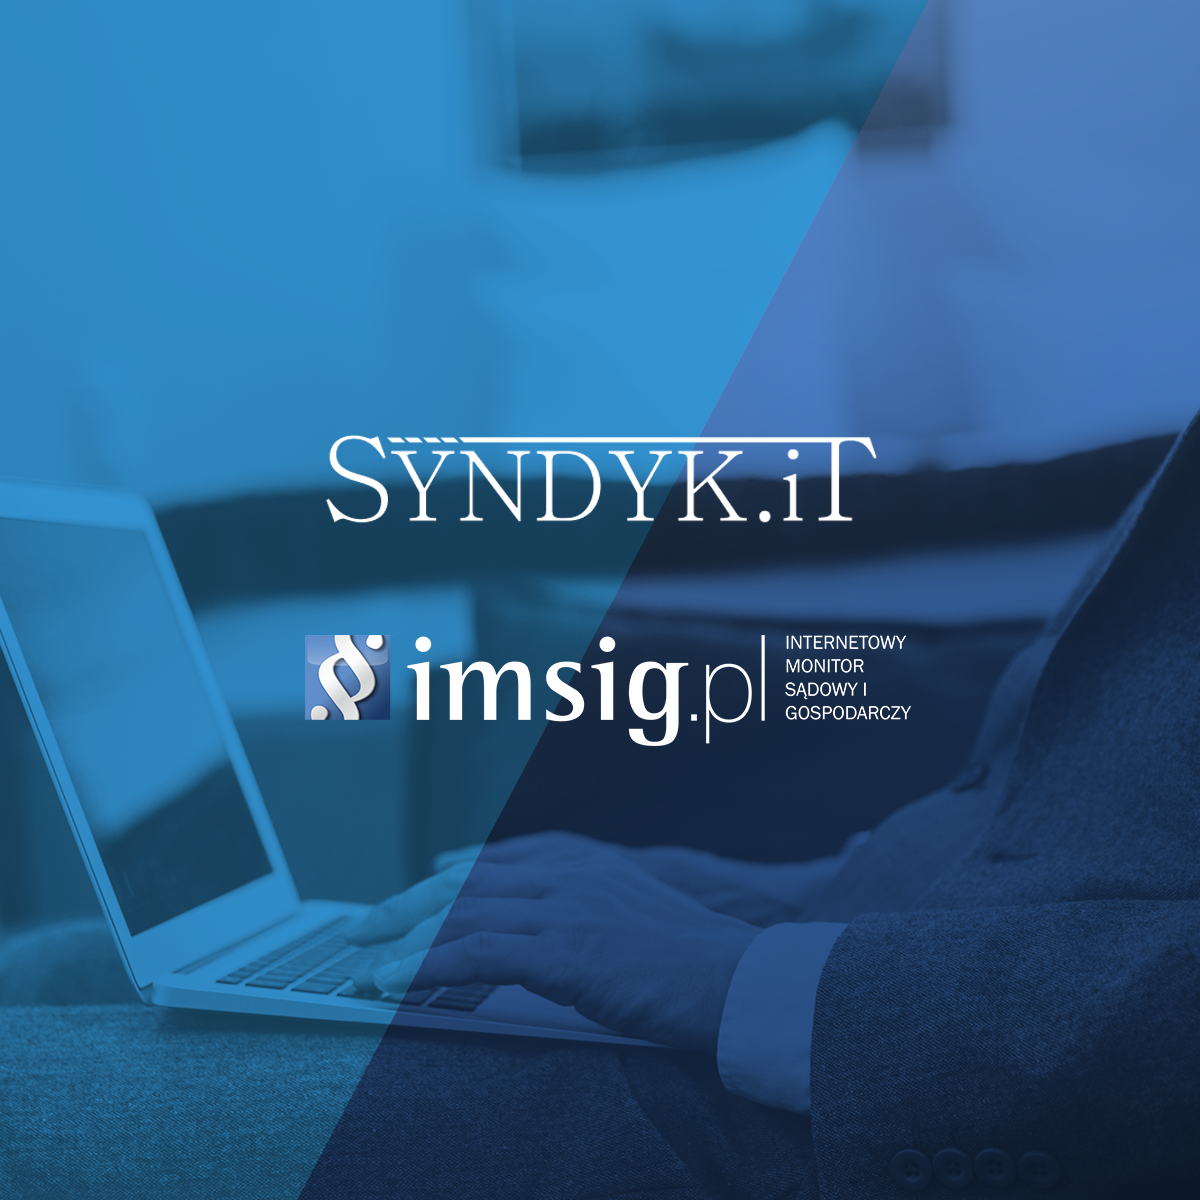 Syndyk.iT zintegrowany z iMSiG.pl